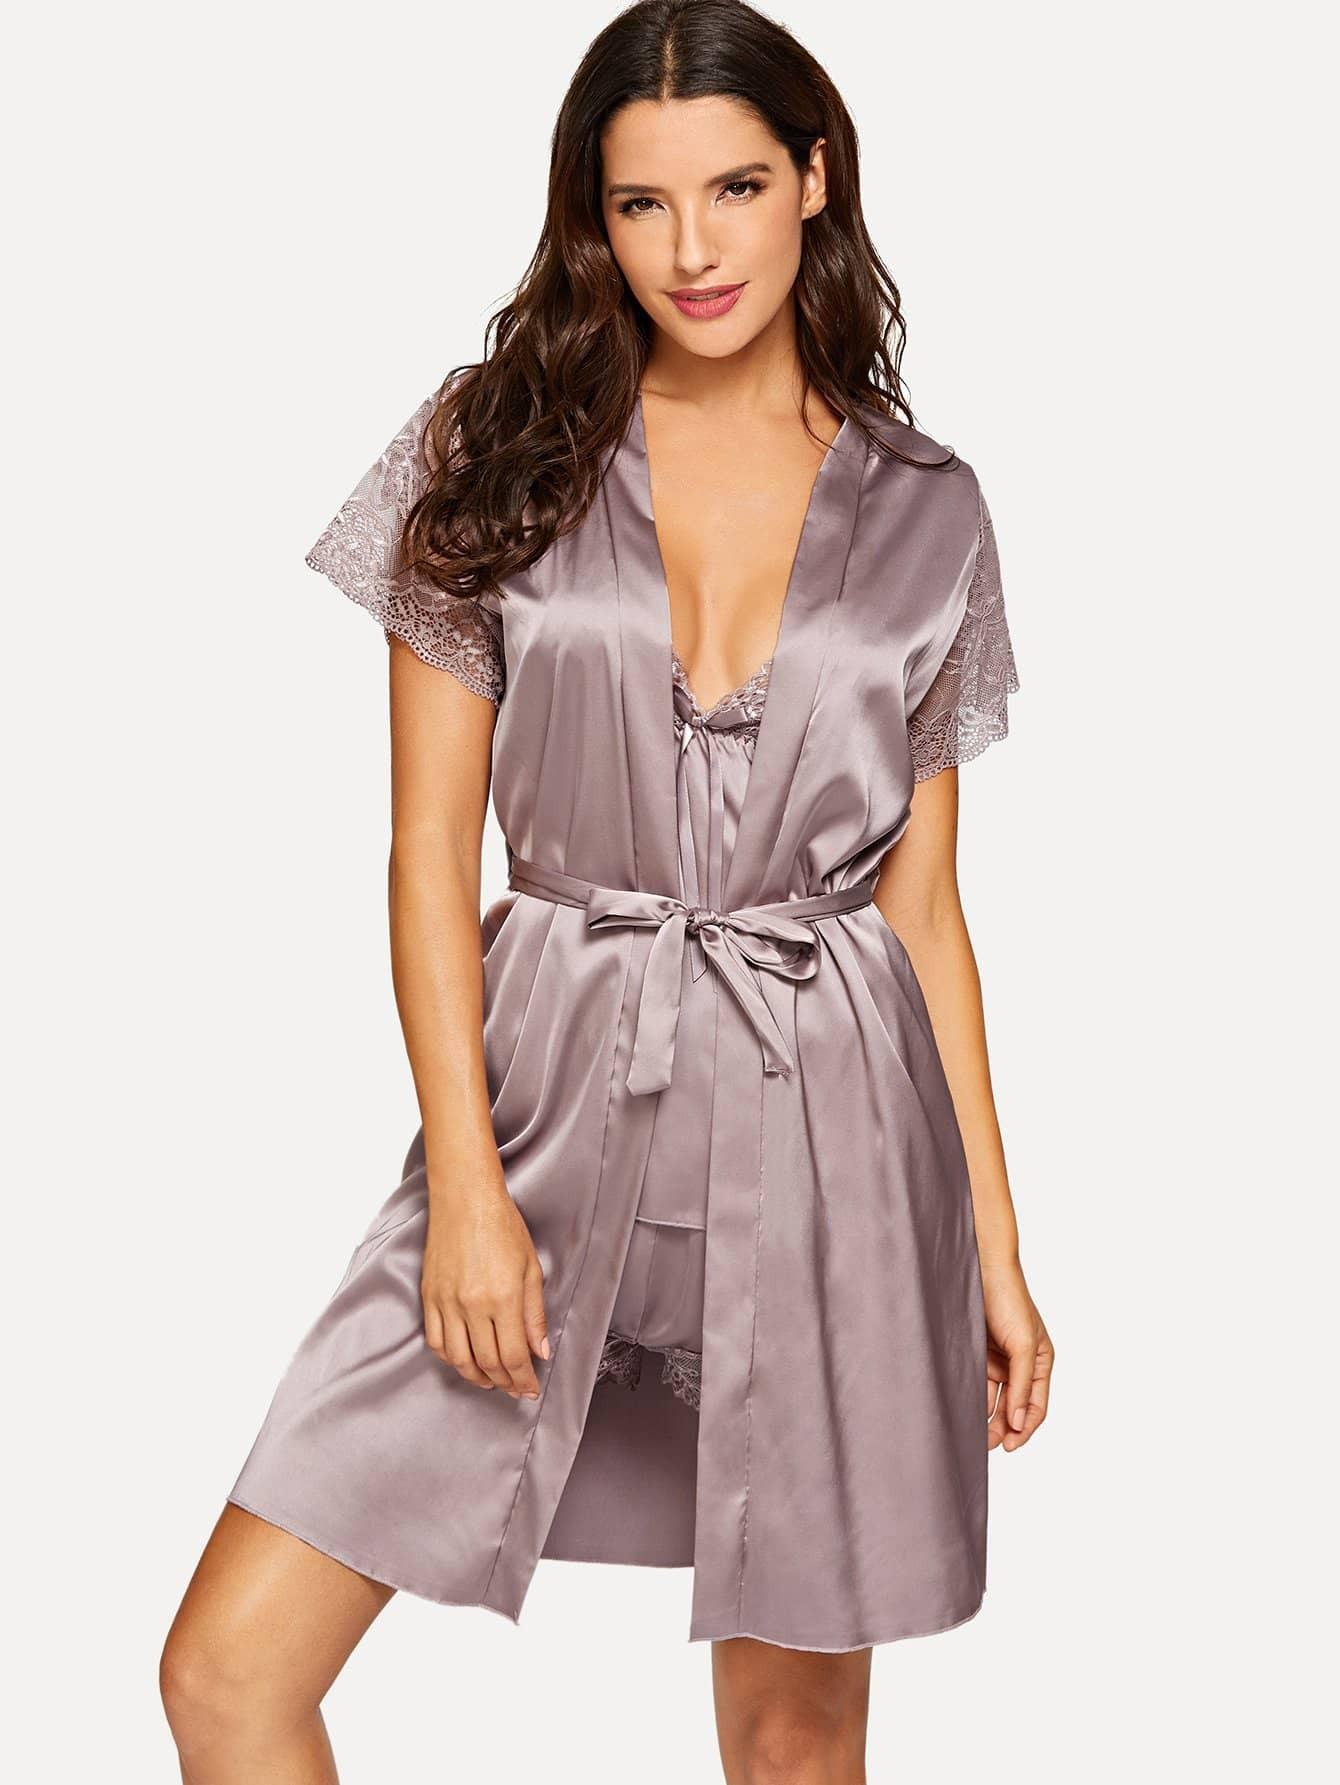 Купить Комплект пижамы со симметрическими кружевами и домашний халат, Juliana, SheIn